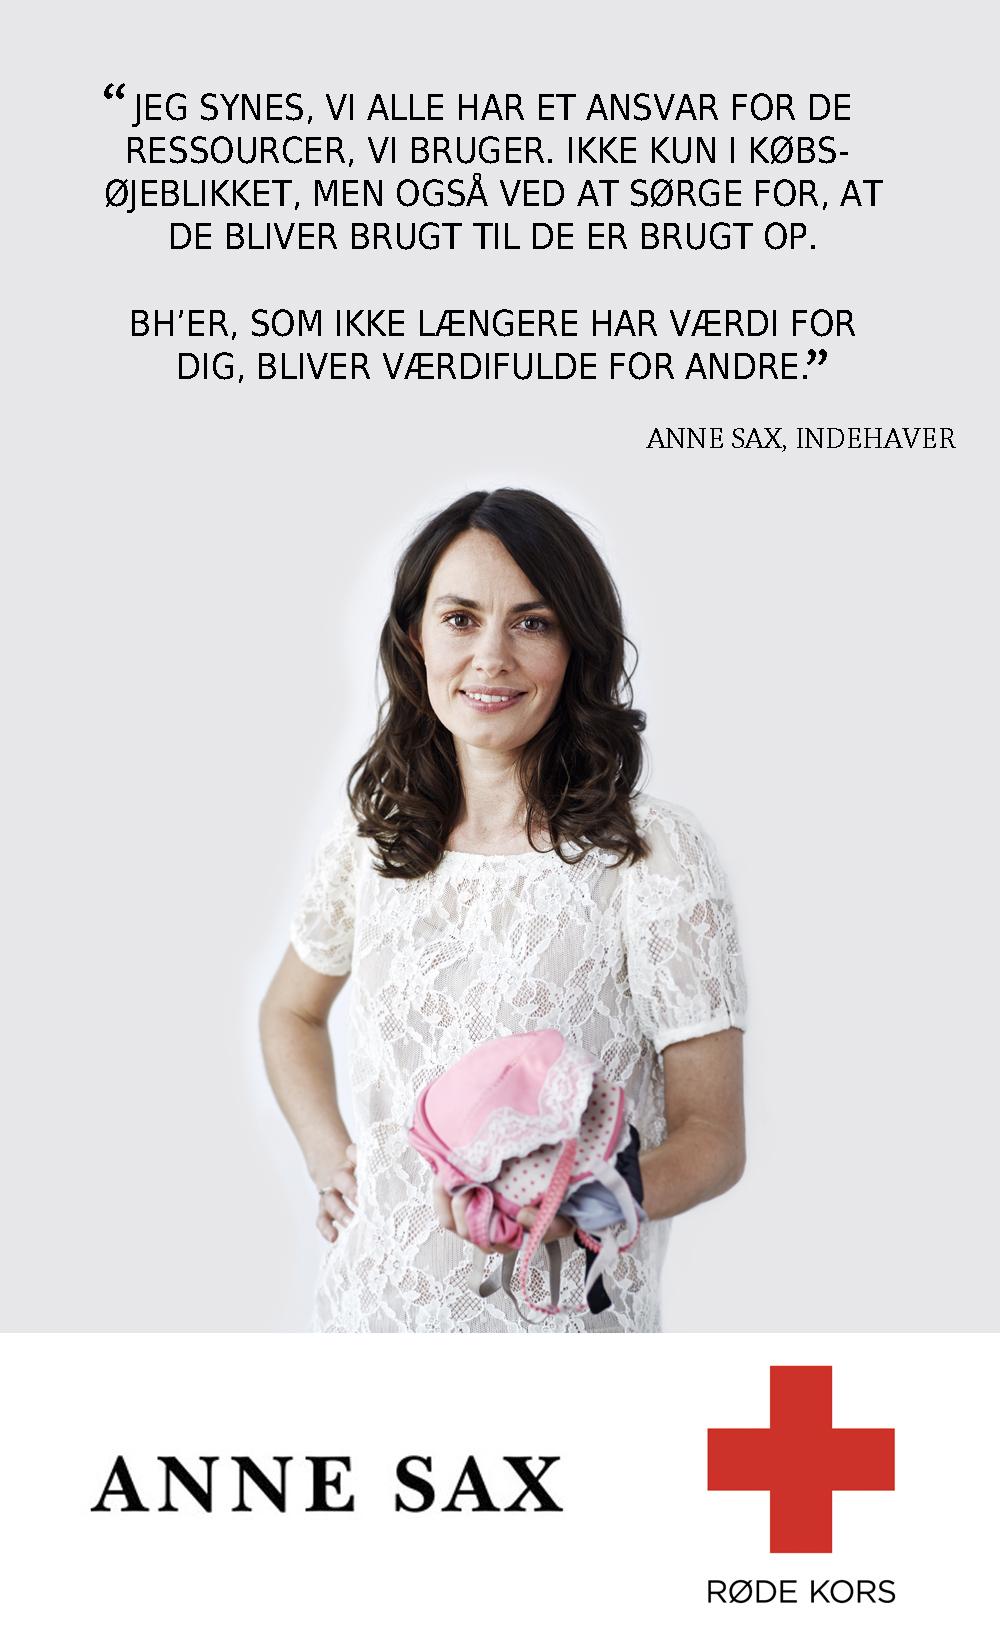 Anne Sax